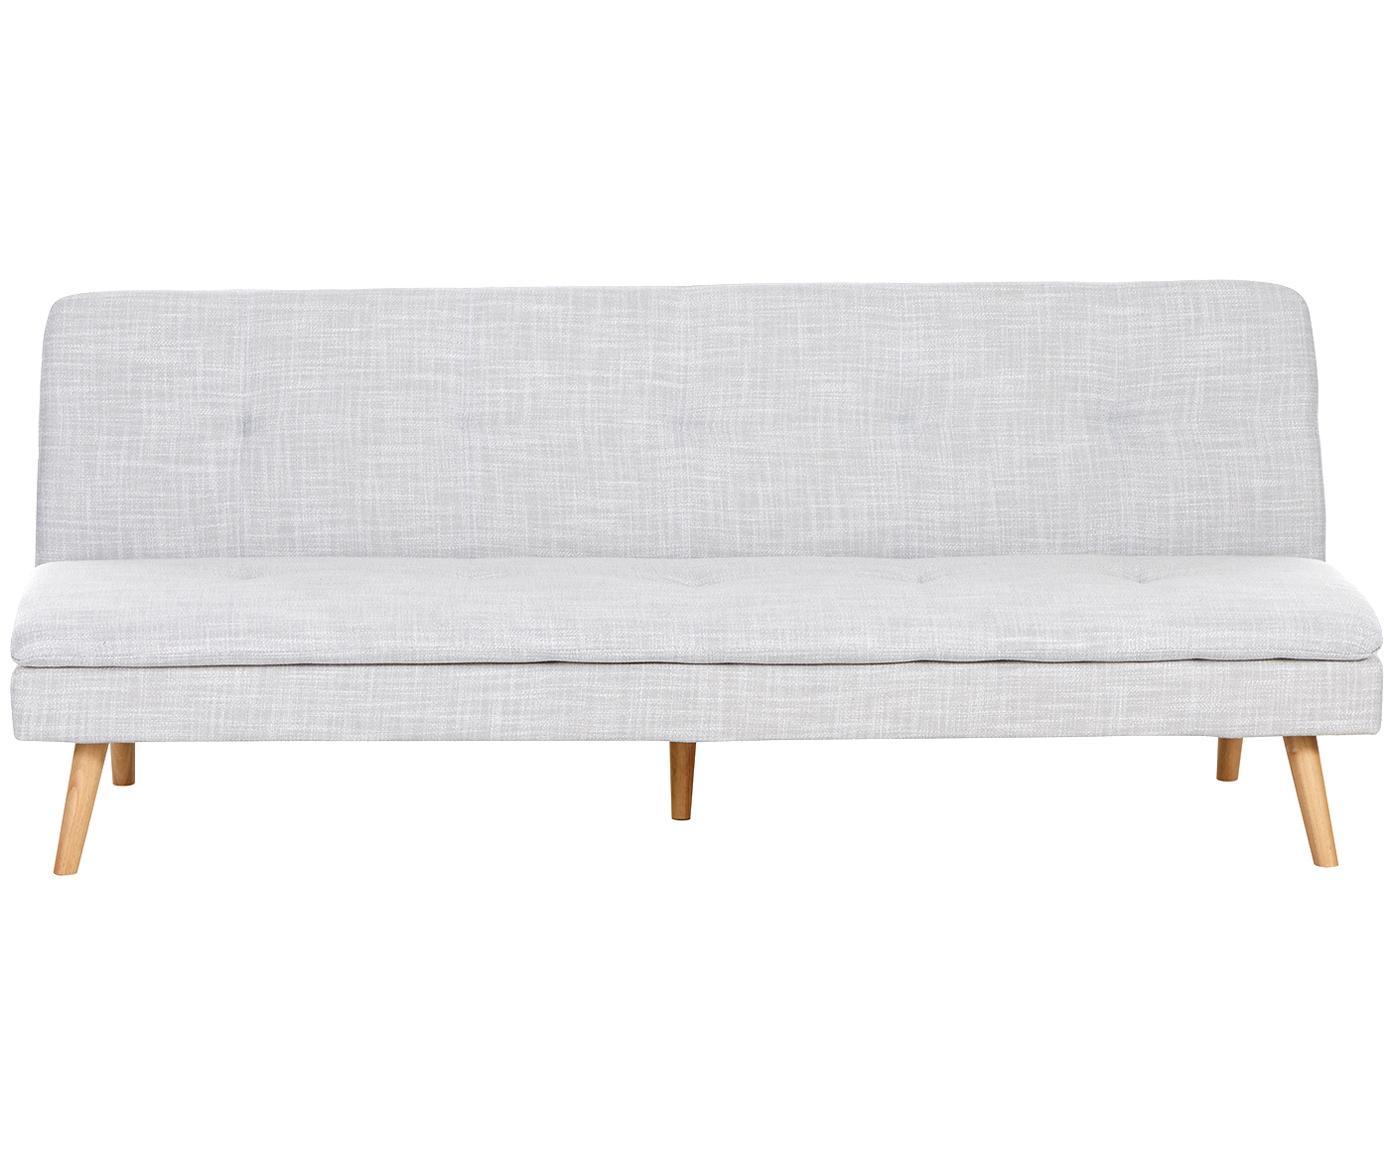 Sofa rozkładana Amelie (3-osobowa), Tapicerka: poliester 30000 cykli w , Stelaż: drewno sosnowe, Nogi: drewno kauczukowe, Tapicerka: jasny szary nogi: drewno kauczukowe, S 200 x W 79 cm